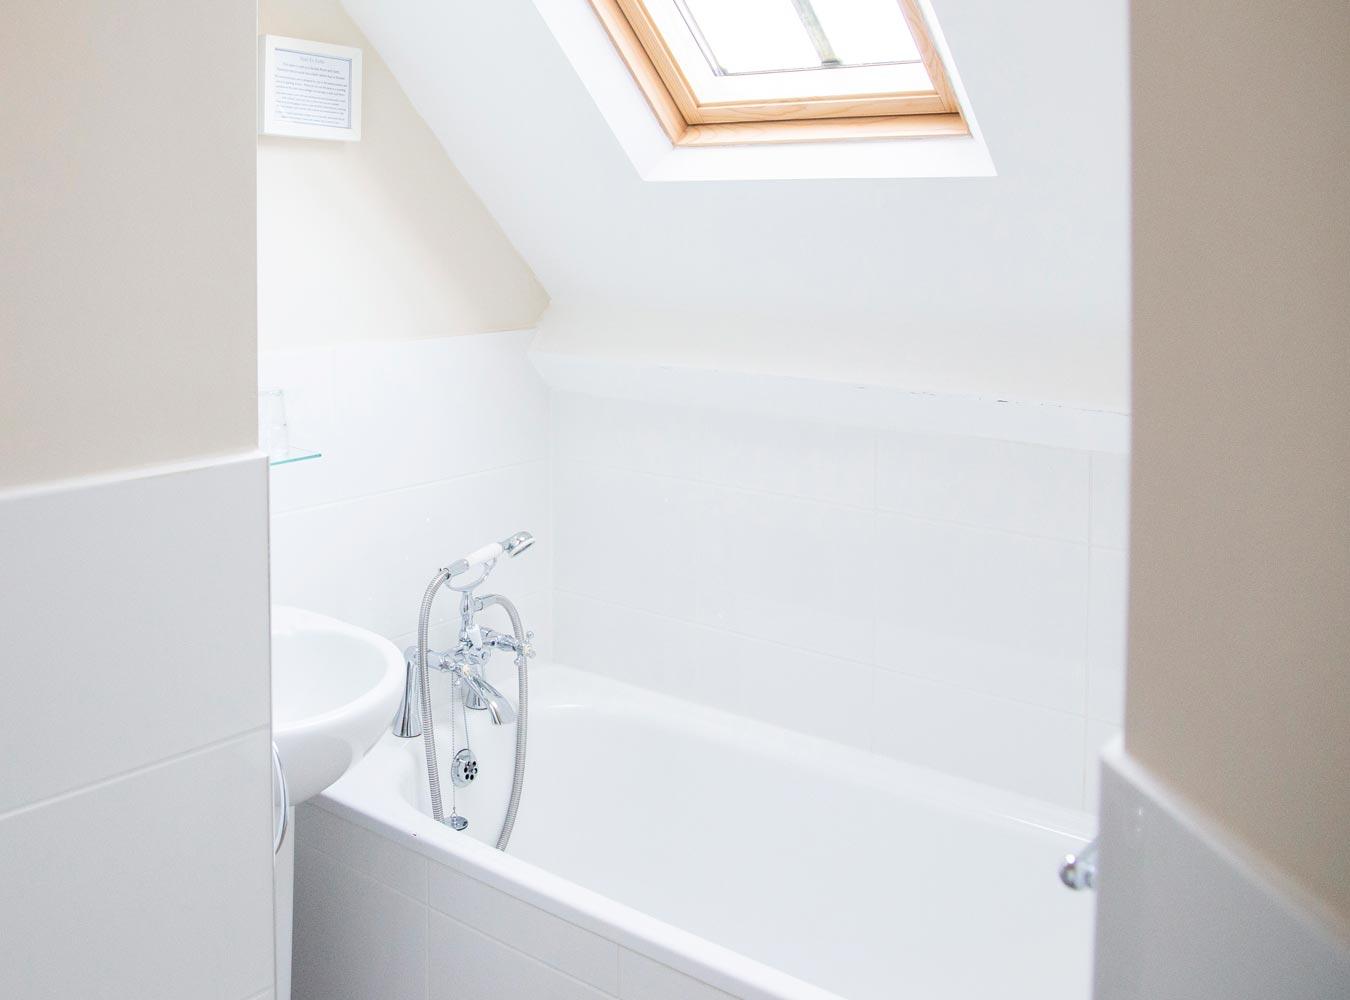 27x20_room12-bathroom1